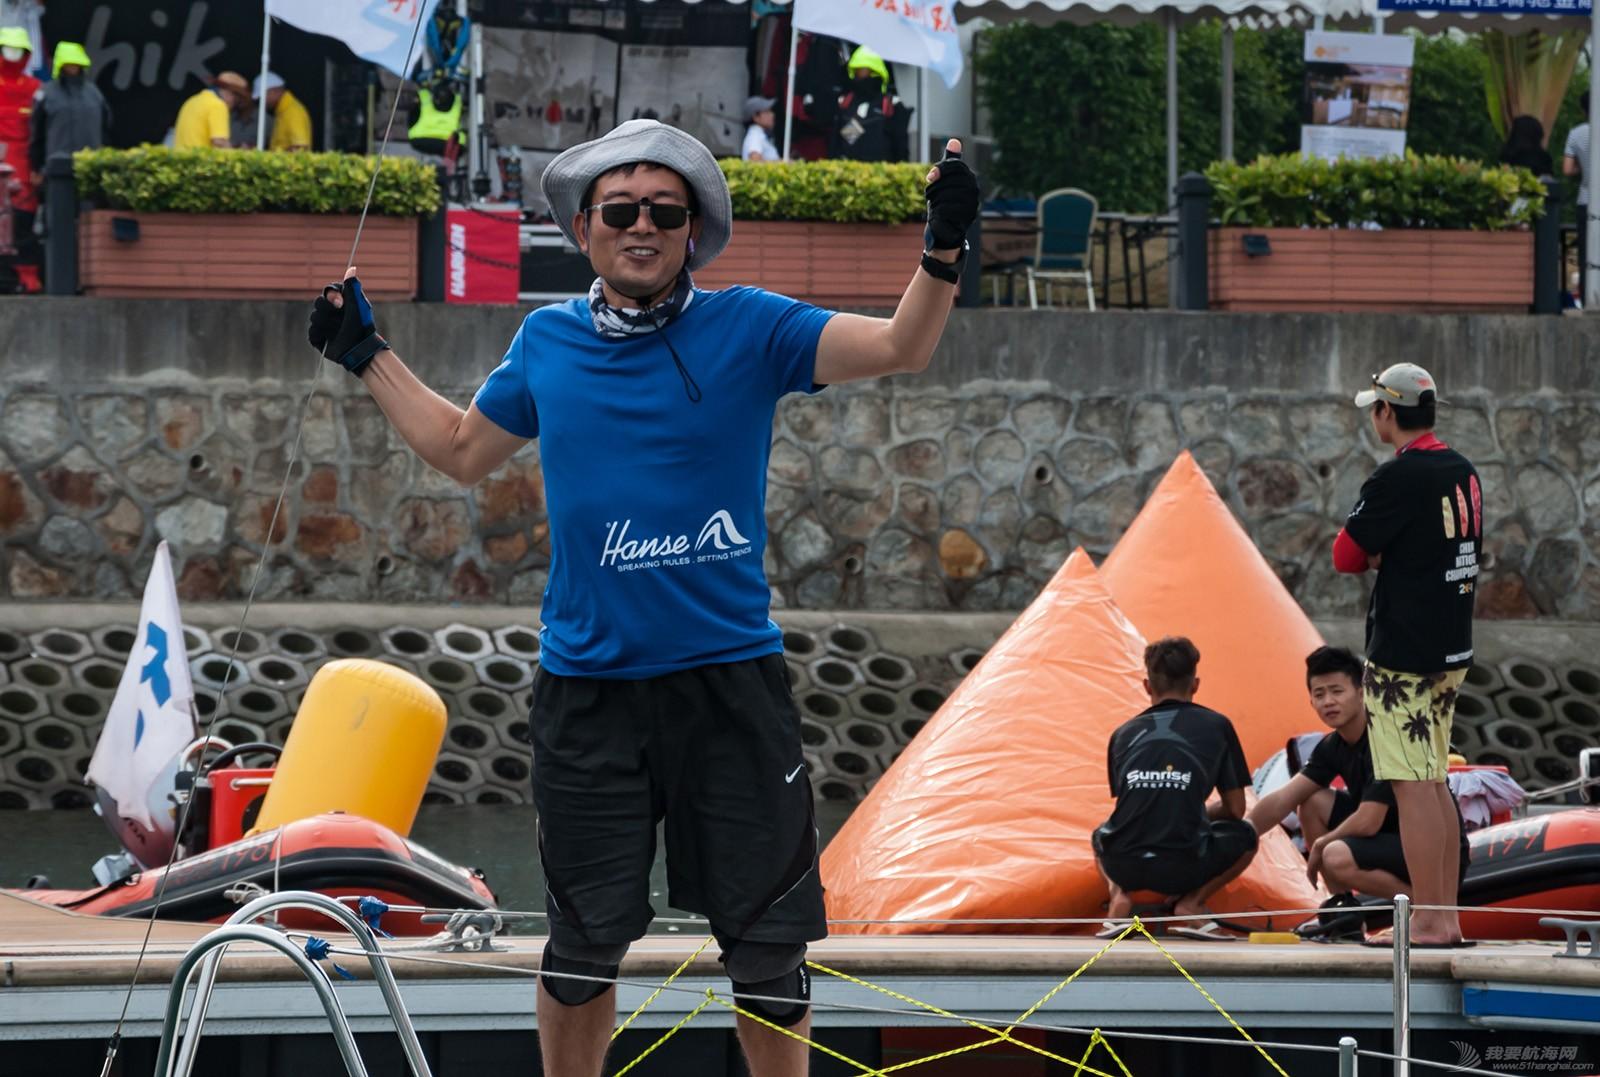 【2015大鹏杯帆船赛】51航海网船队整装待发 c1.jpg